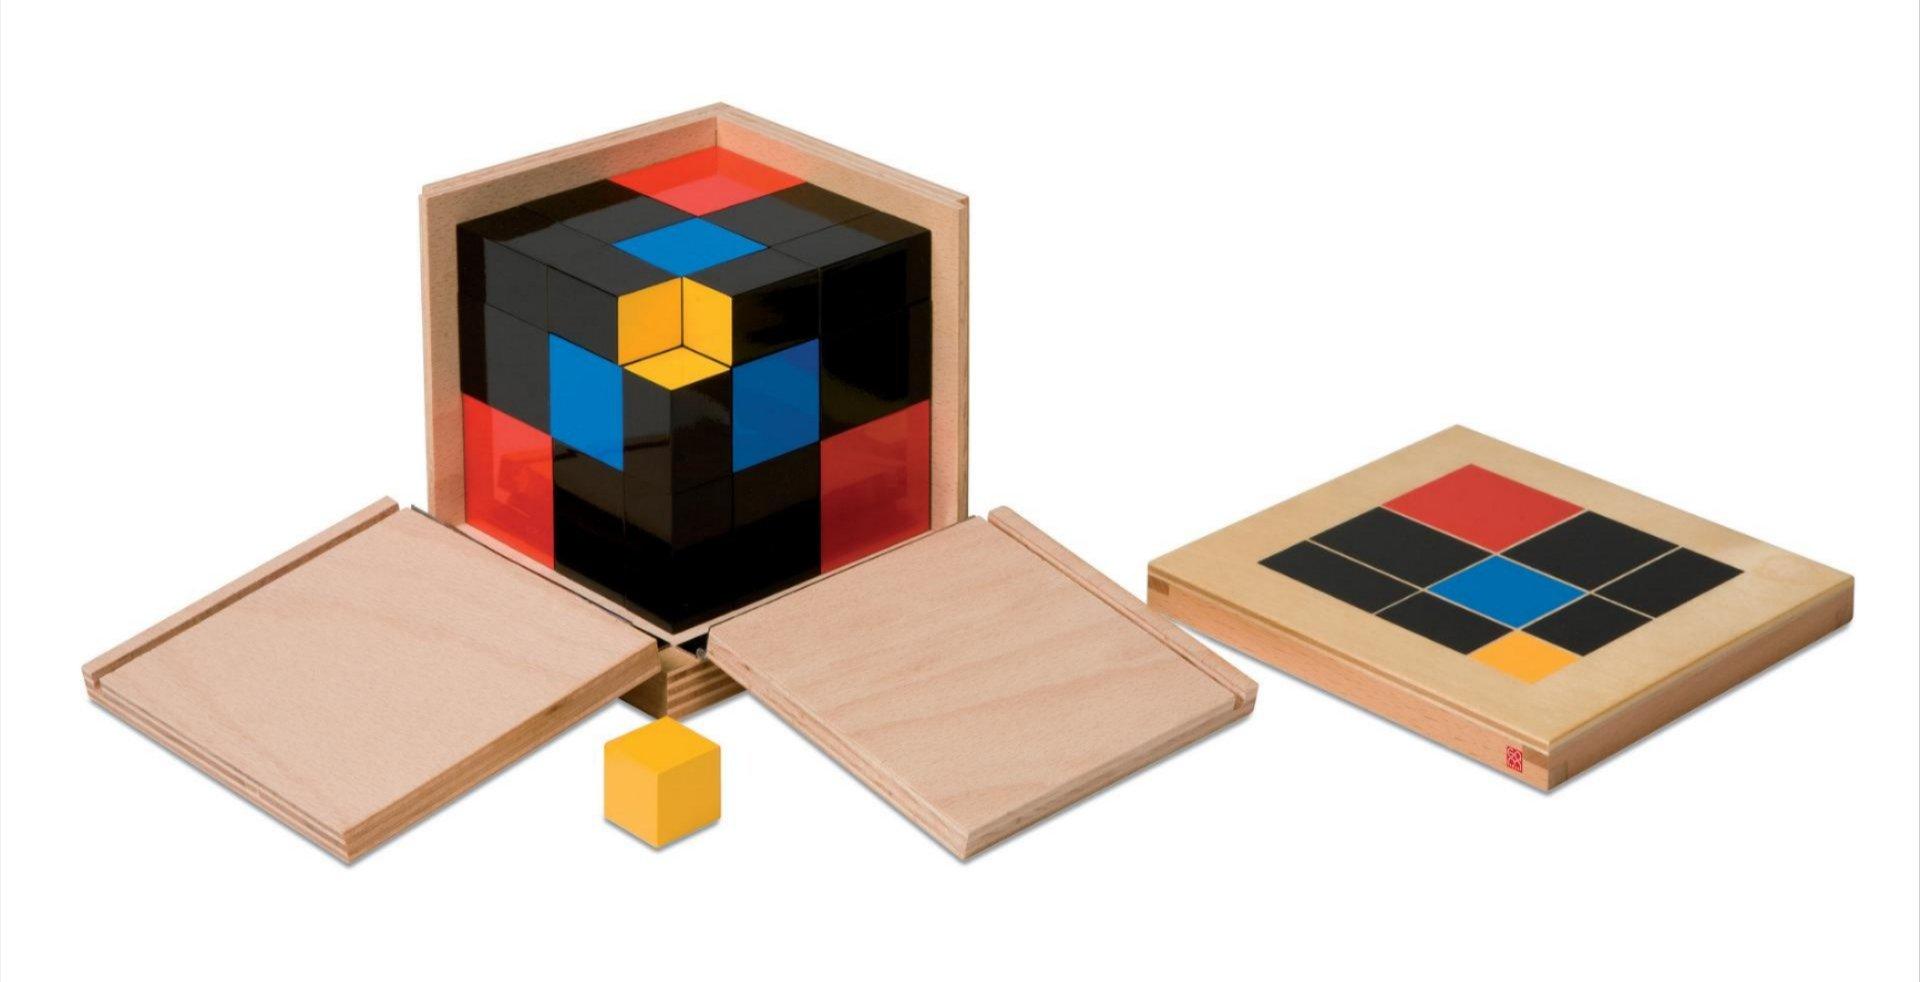 Toccare la bellezza - Maria Montessori, Cubo del trinomio